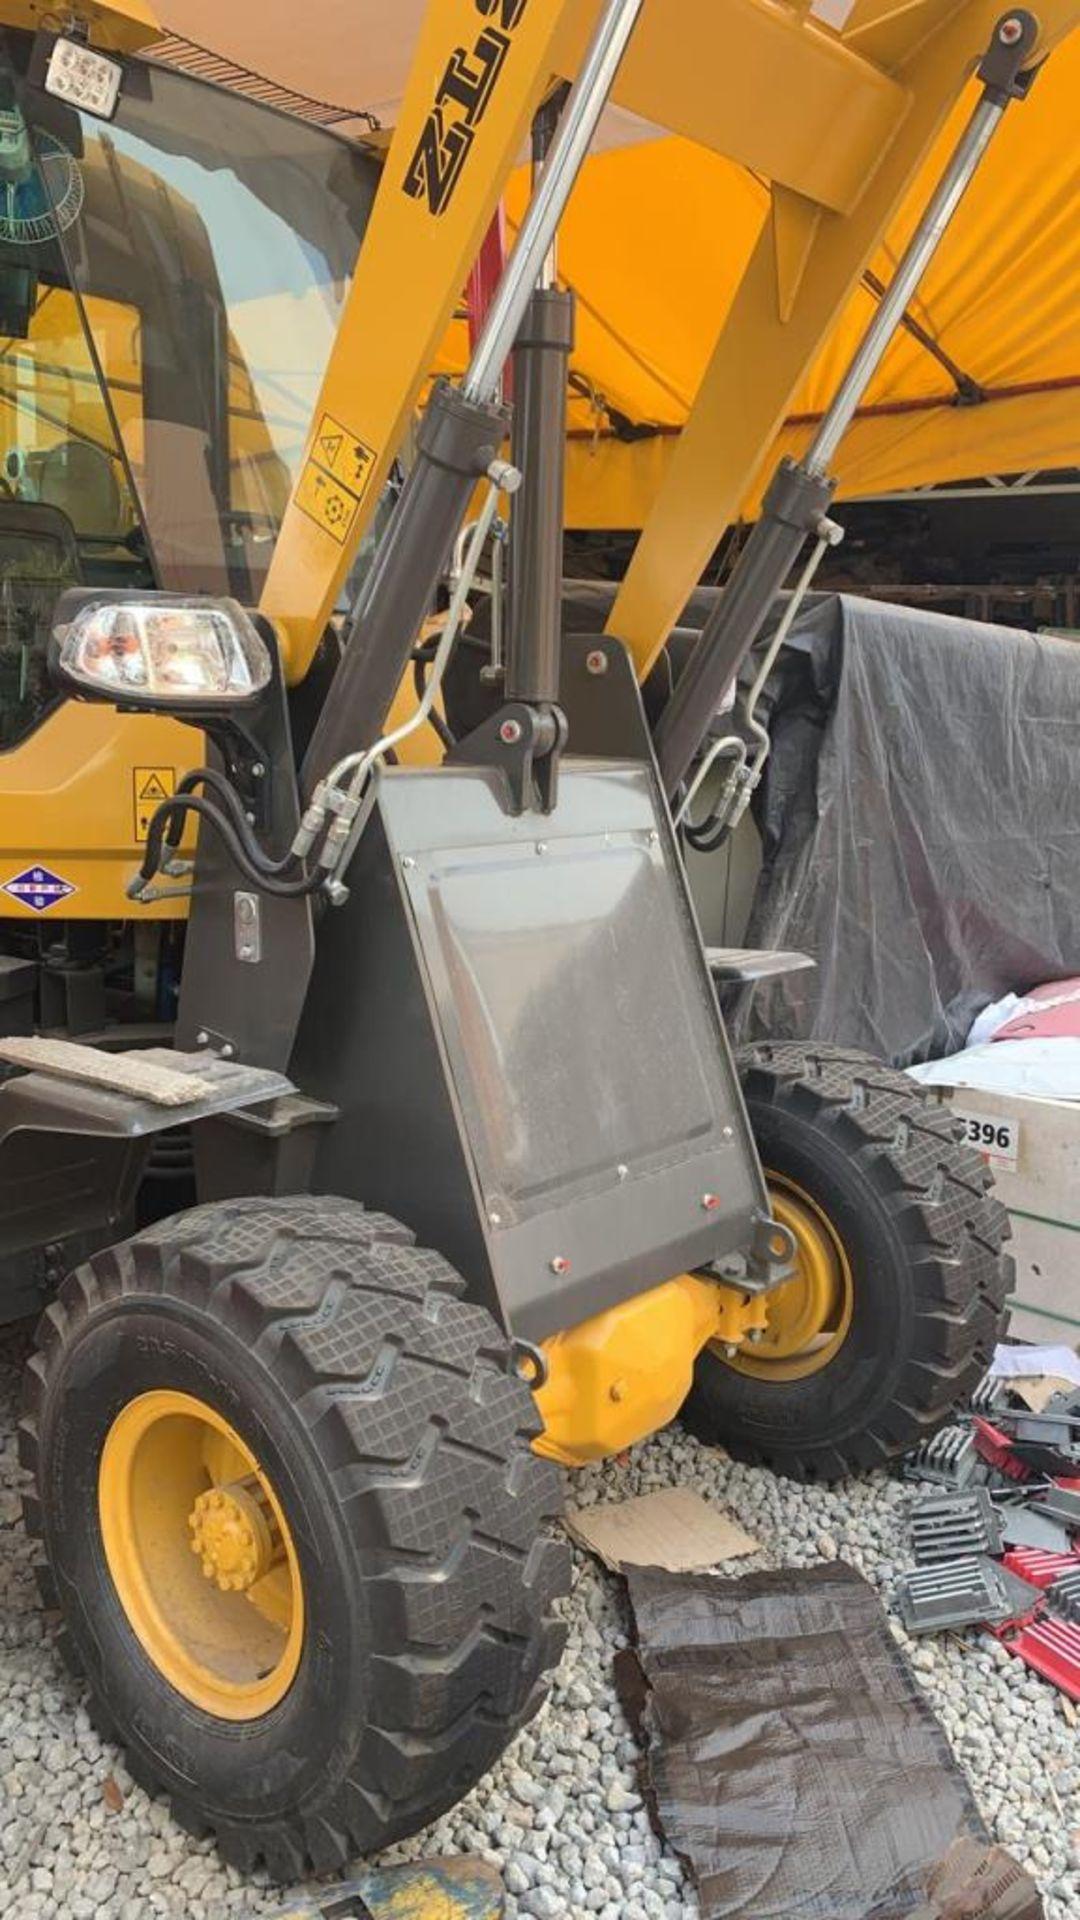 2020 Shang Ding (Wheel Loader) ZL26 Front Loader Serial number 200711437, Loading capacity 1,500 kg - Image 14 of 17